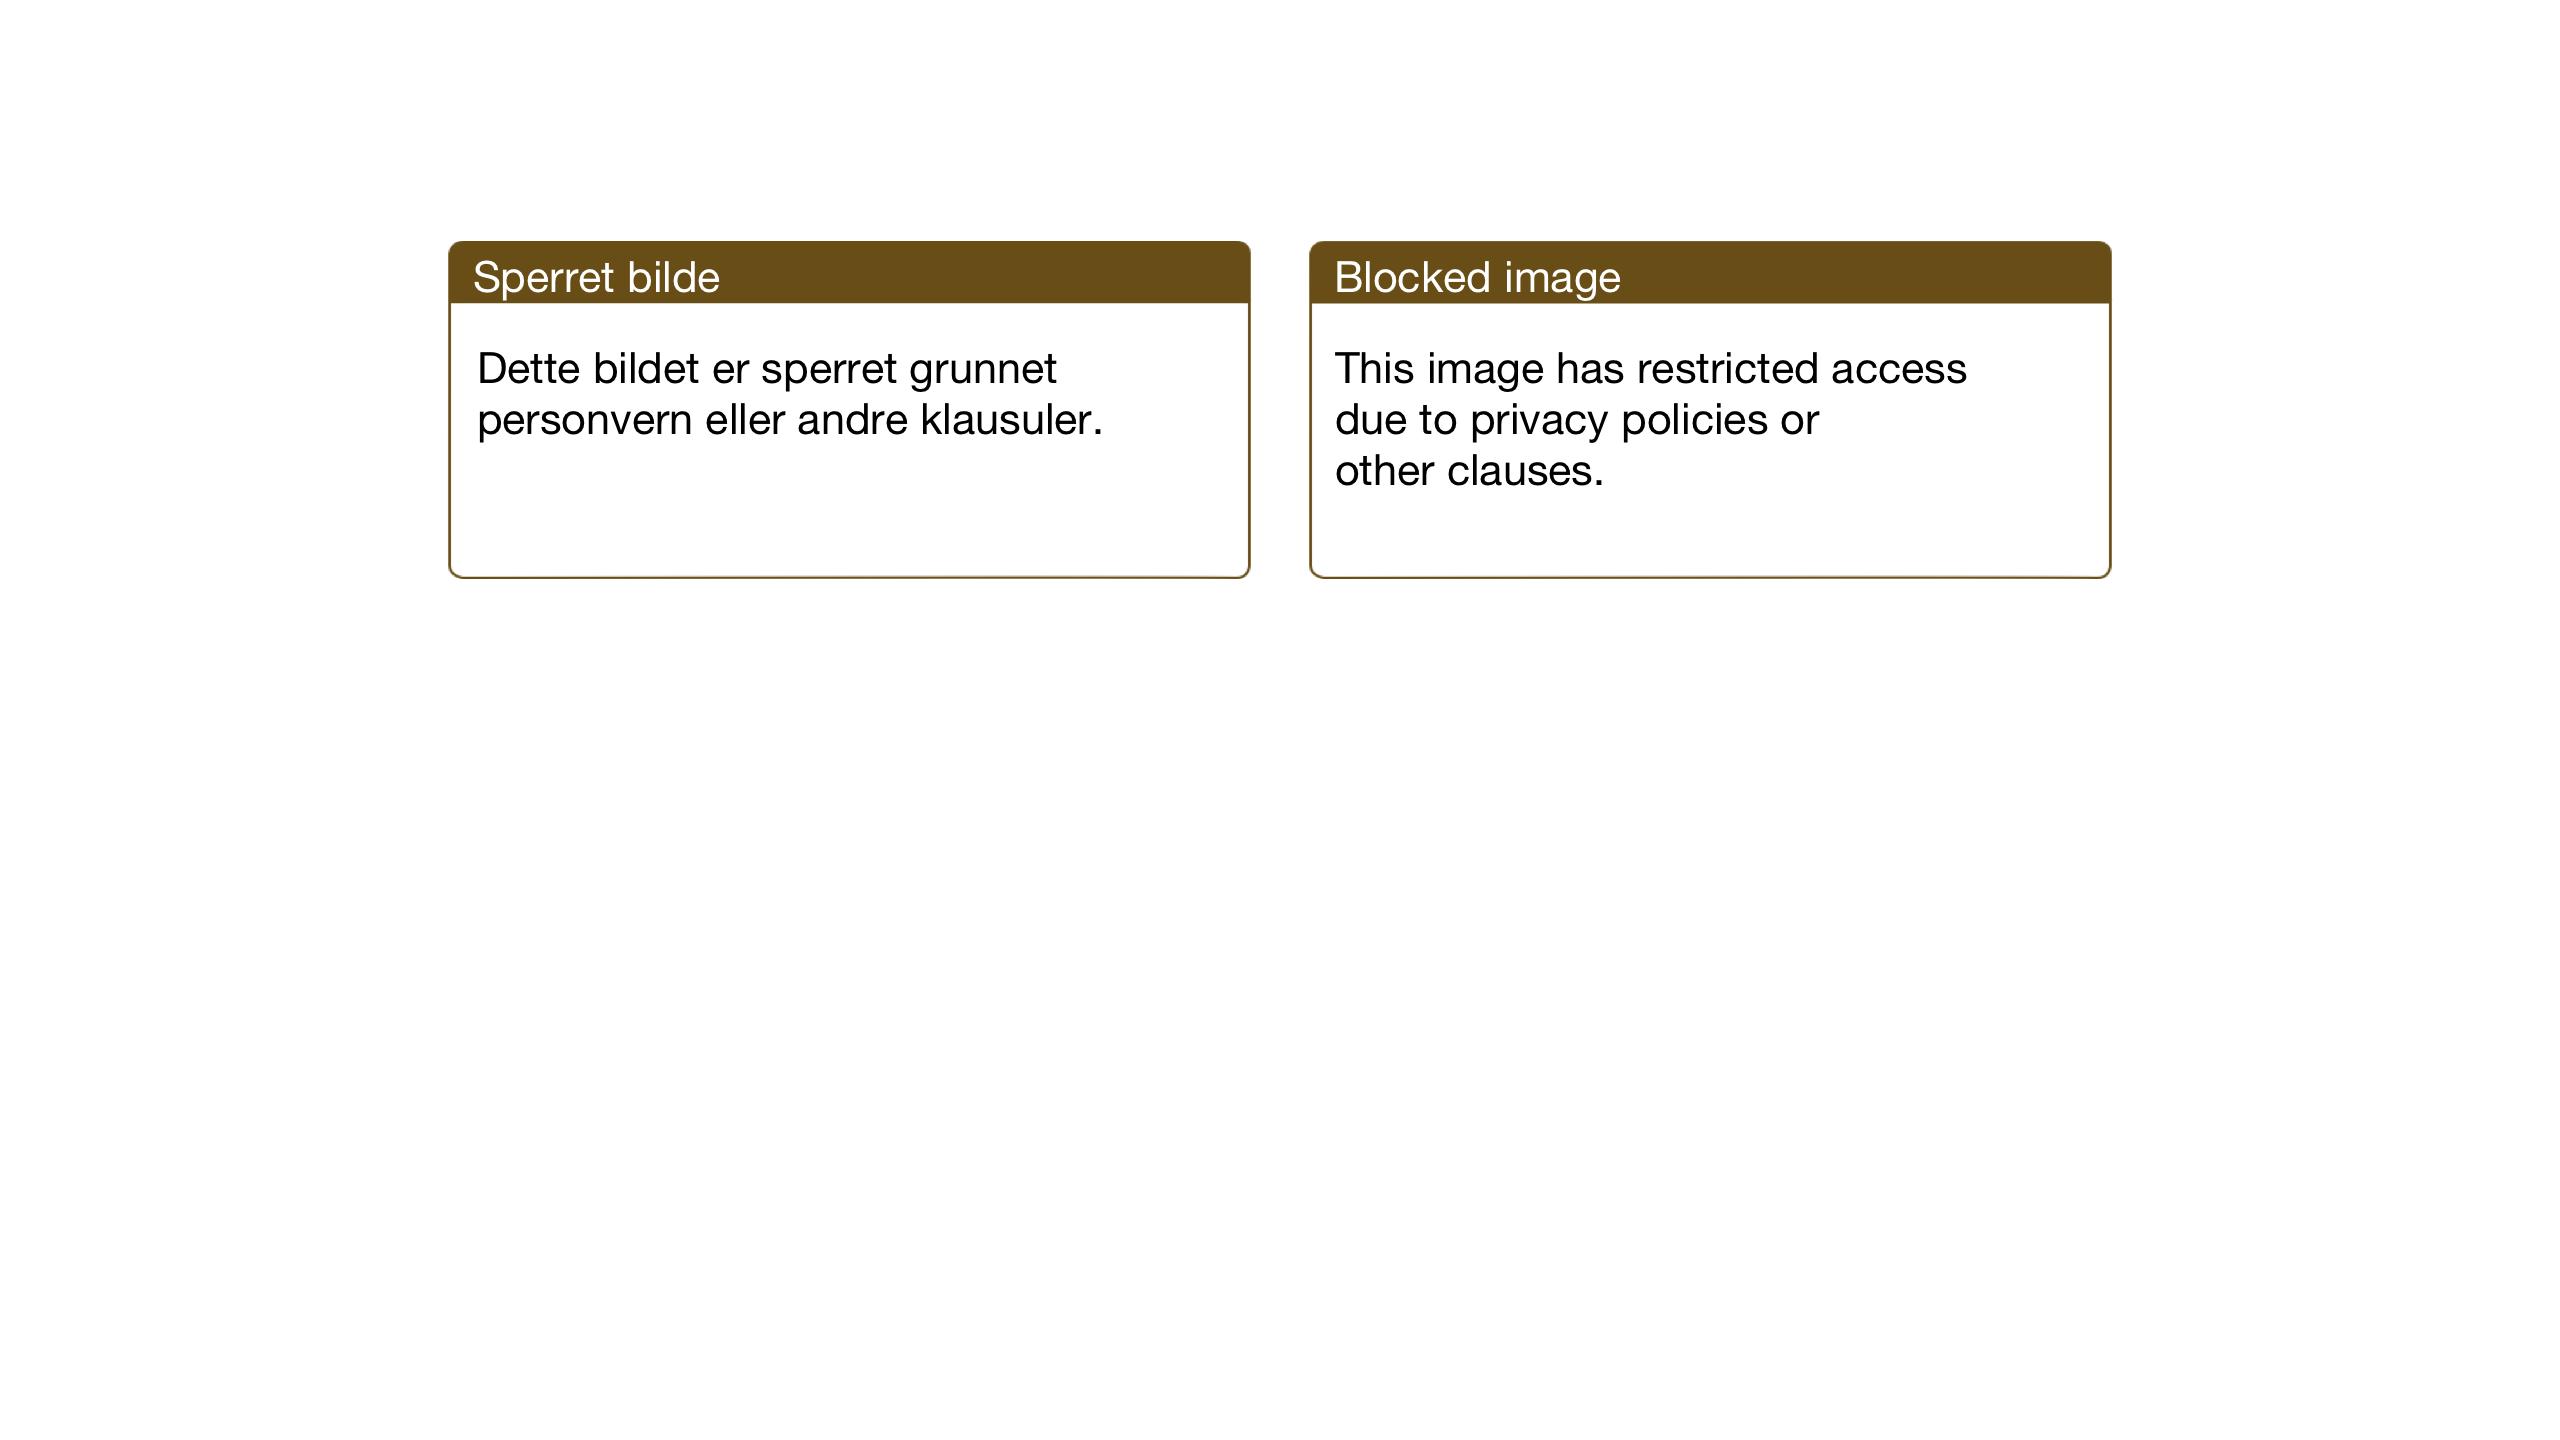 SAT, Ministerialprotokoller, klokkerbøker og fødselsregistre - Sør-Trøndelag, 602/L0150: Klokkerbok nr. 602C18, 1922-1949, s. 158